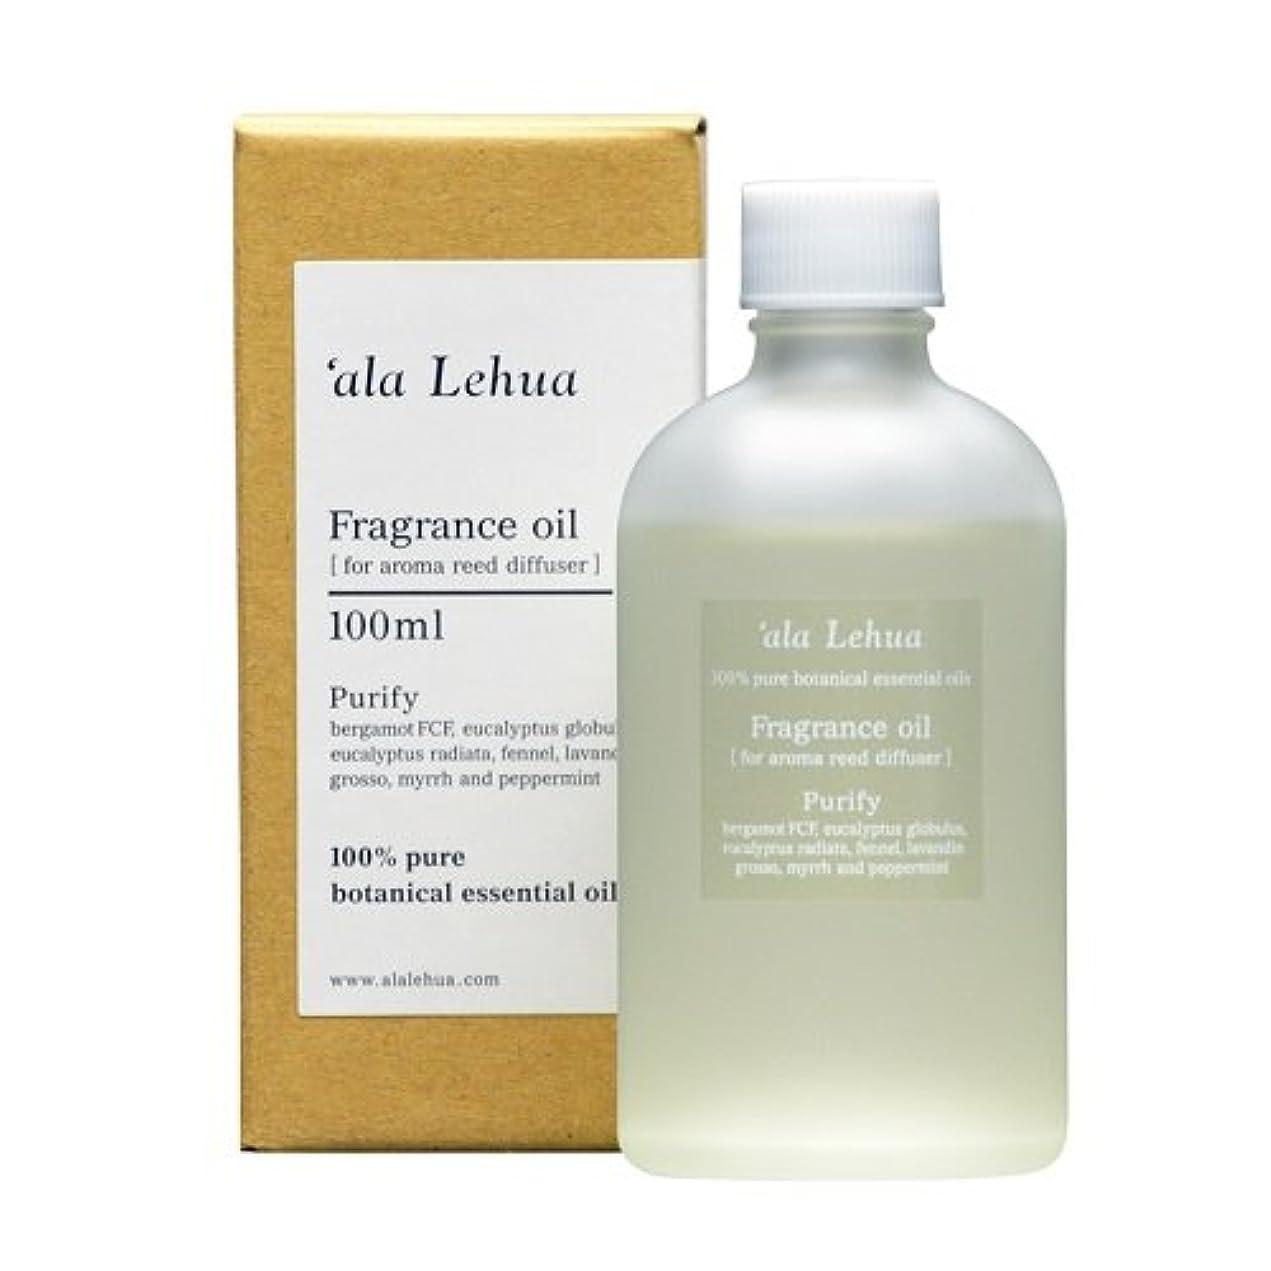 お母さんマグ散らすフレーバーライフ(Flavor Life) `ala Lehua (アラレフア) アロマリードディフューザー フレグランスオイル 100ml purify(ピュリファイ)